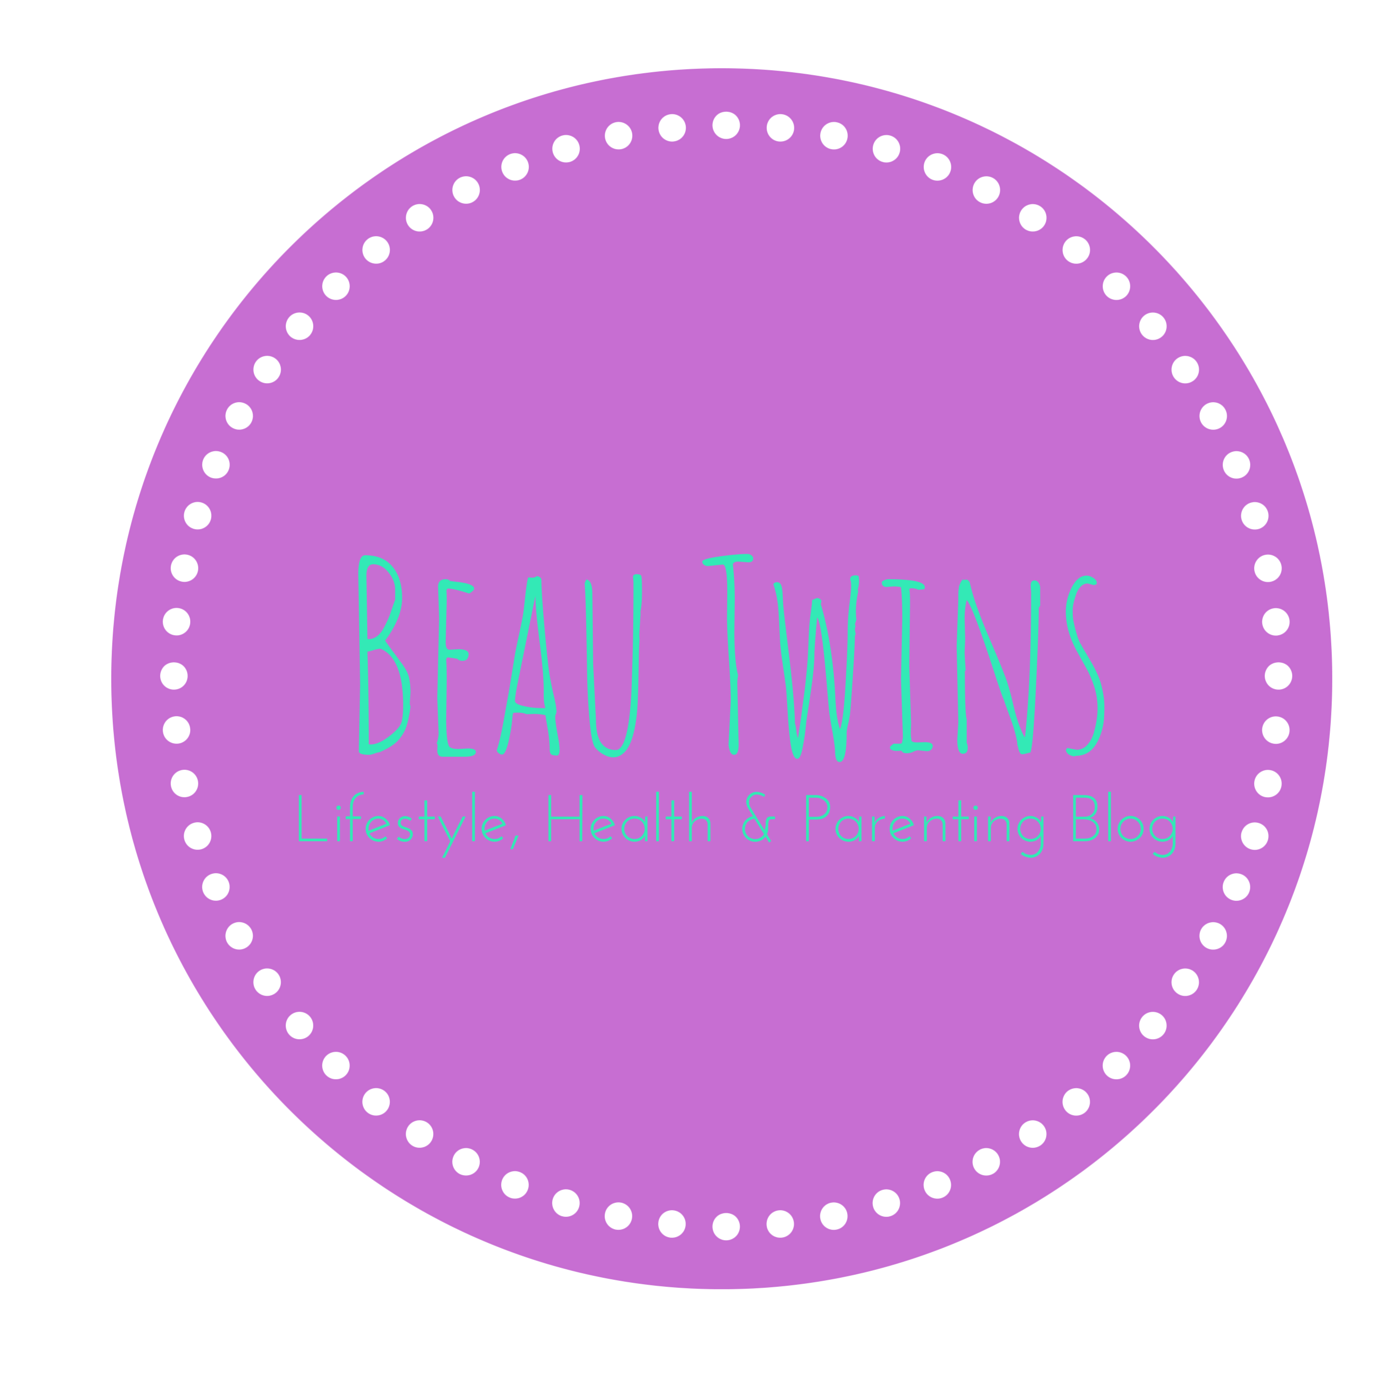 Beau Twins Blog